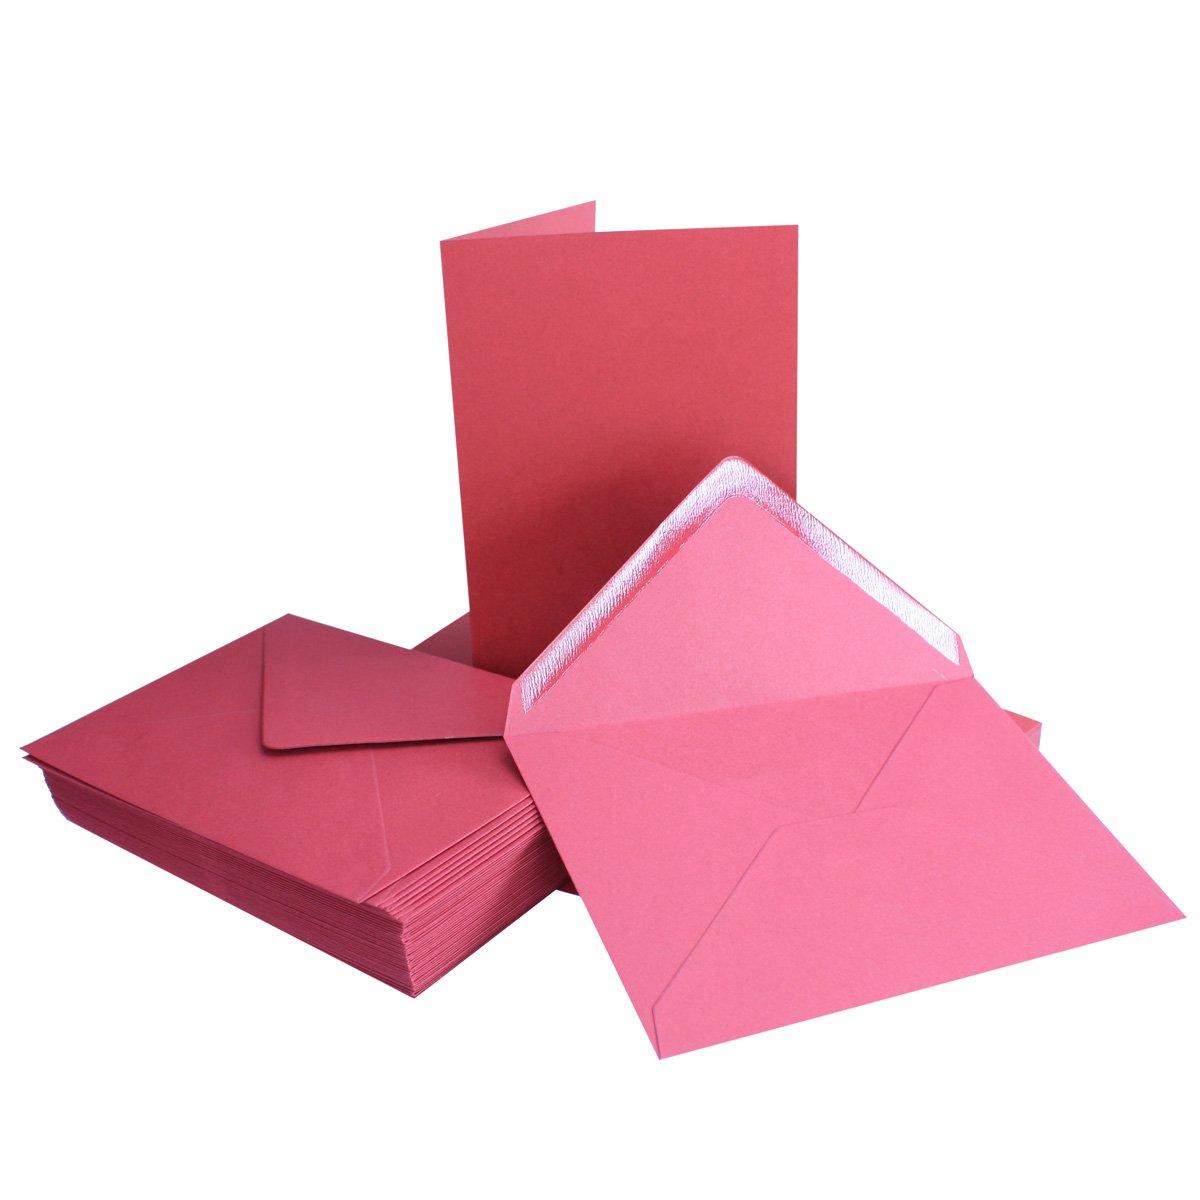 75 Sets - Faltkarten Hellgrau - Din A5  Umschläge Din C5 - Premium Qualität - Sehr formstabil - Qualitätsmarke  NEUSER FarbenFroh B07BSJQLWZ | Komfort